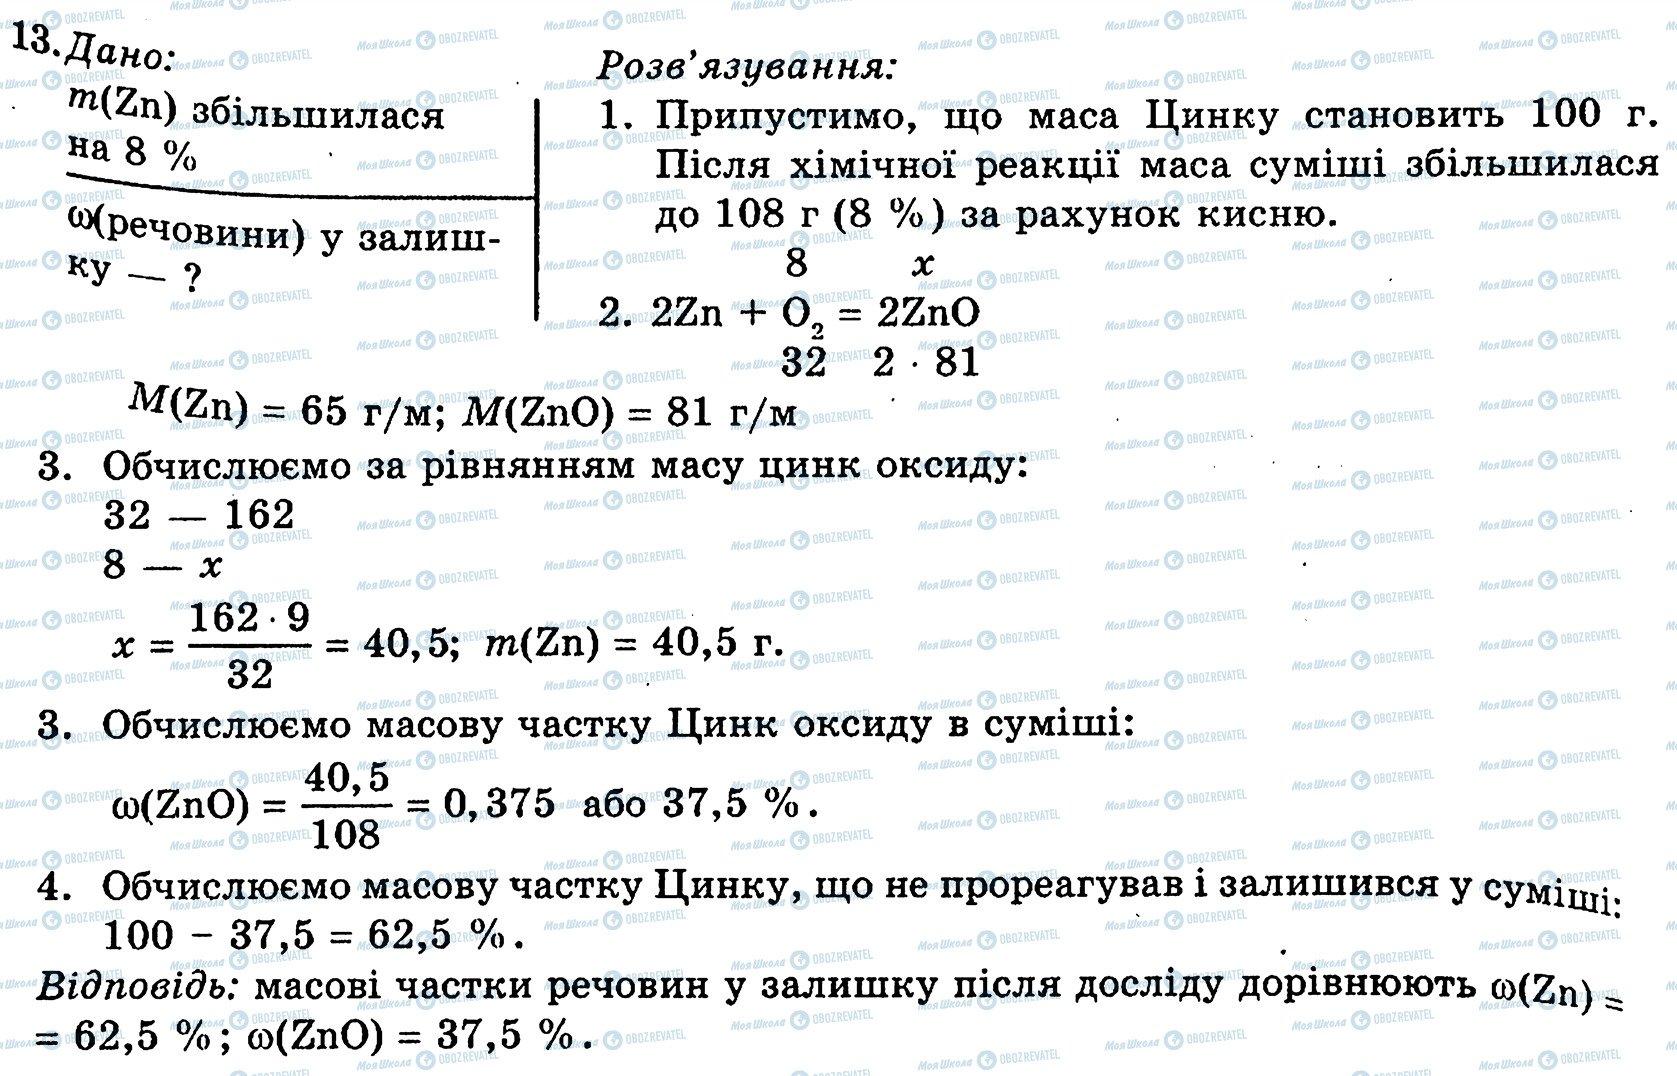 ГДЗ Хімія 10 клас сторінка 13